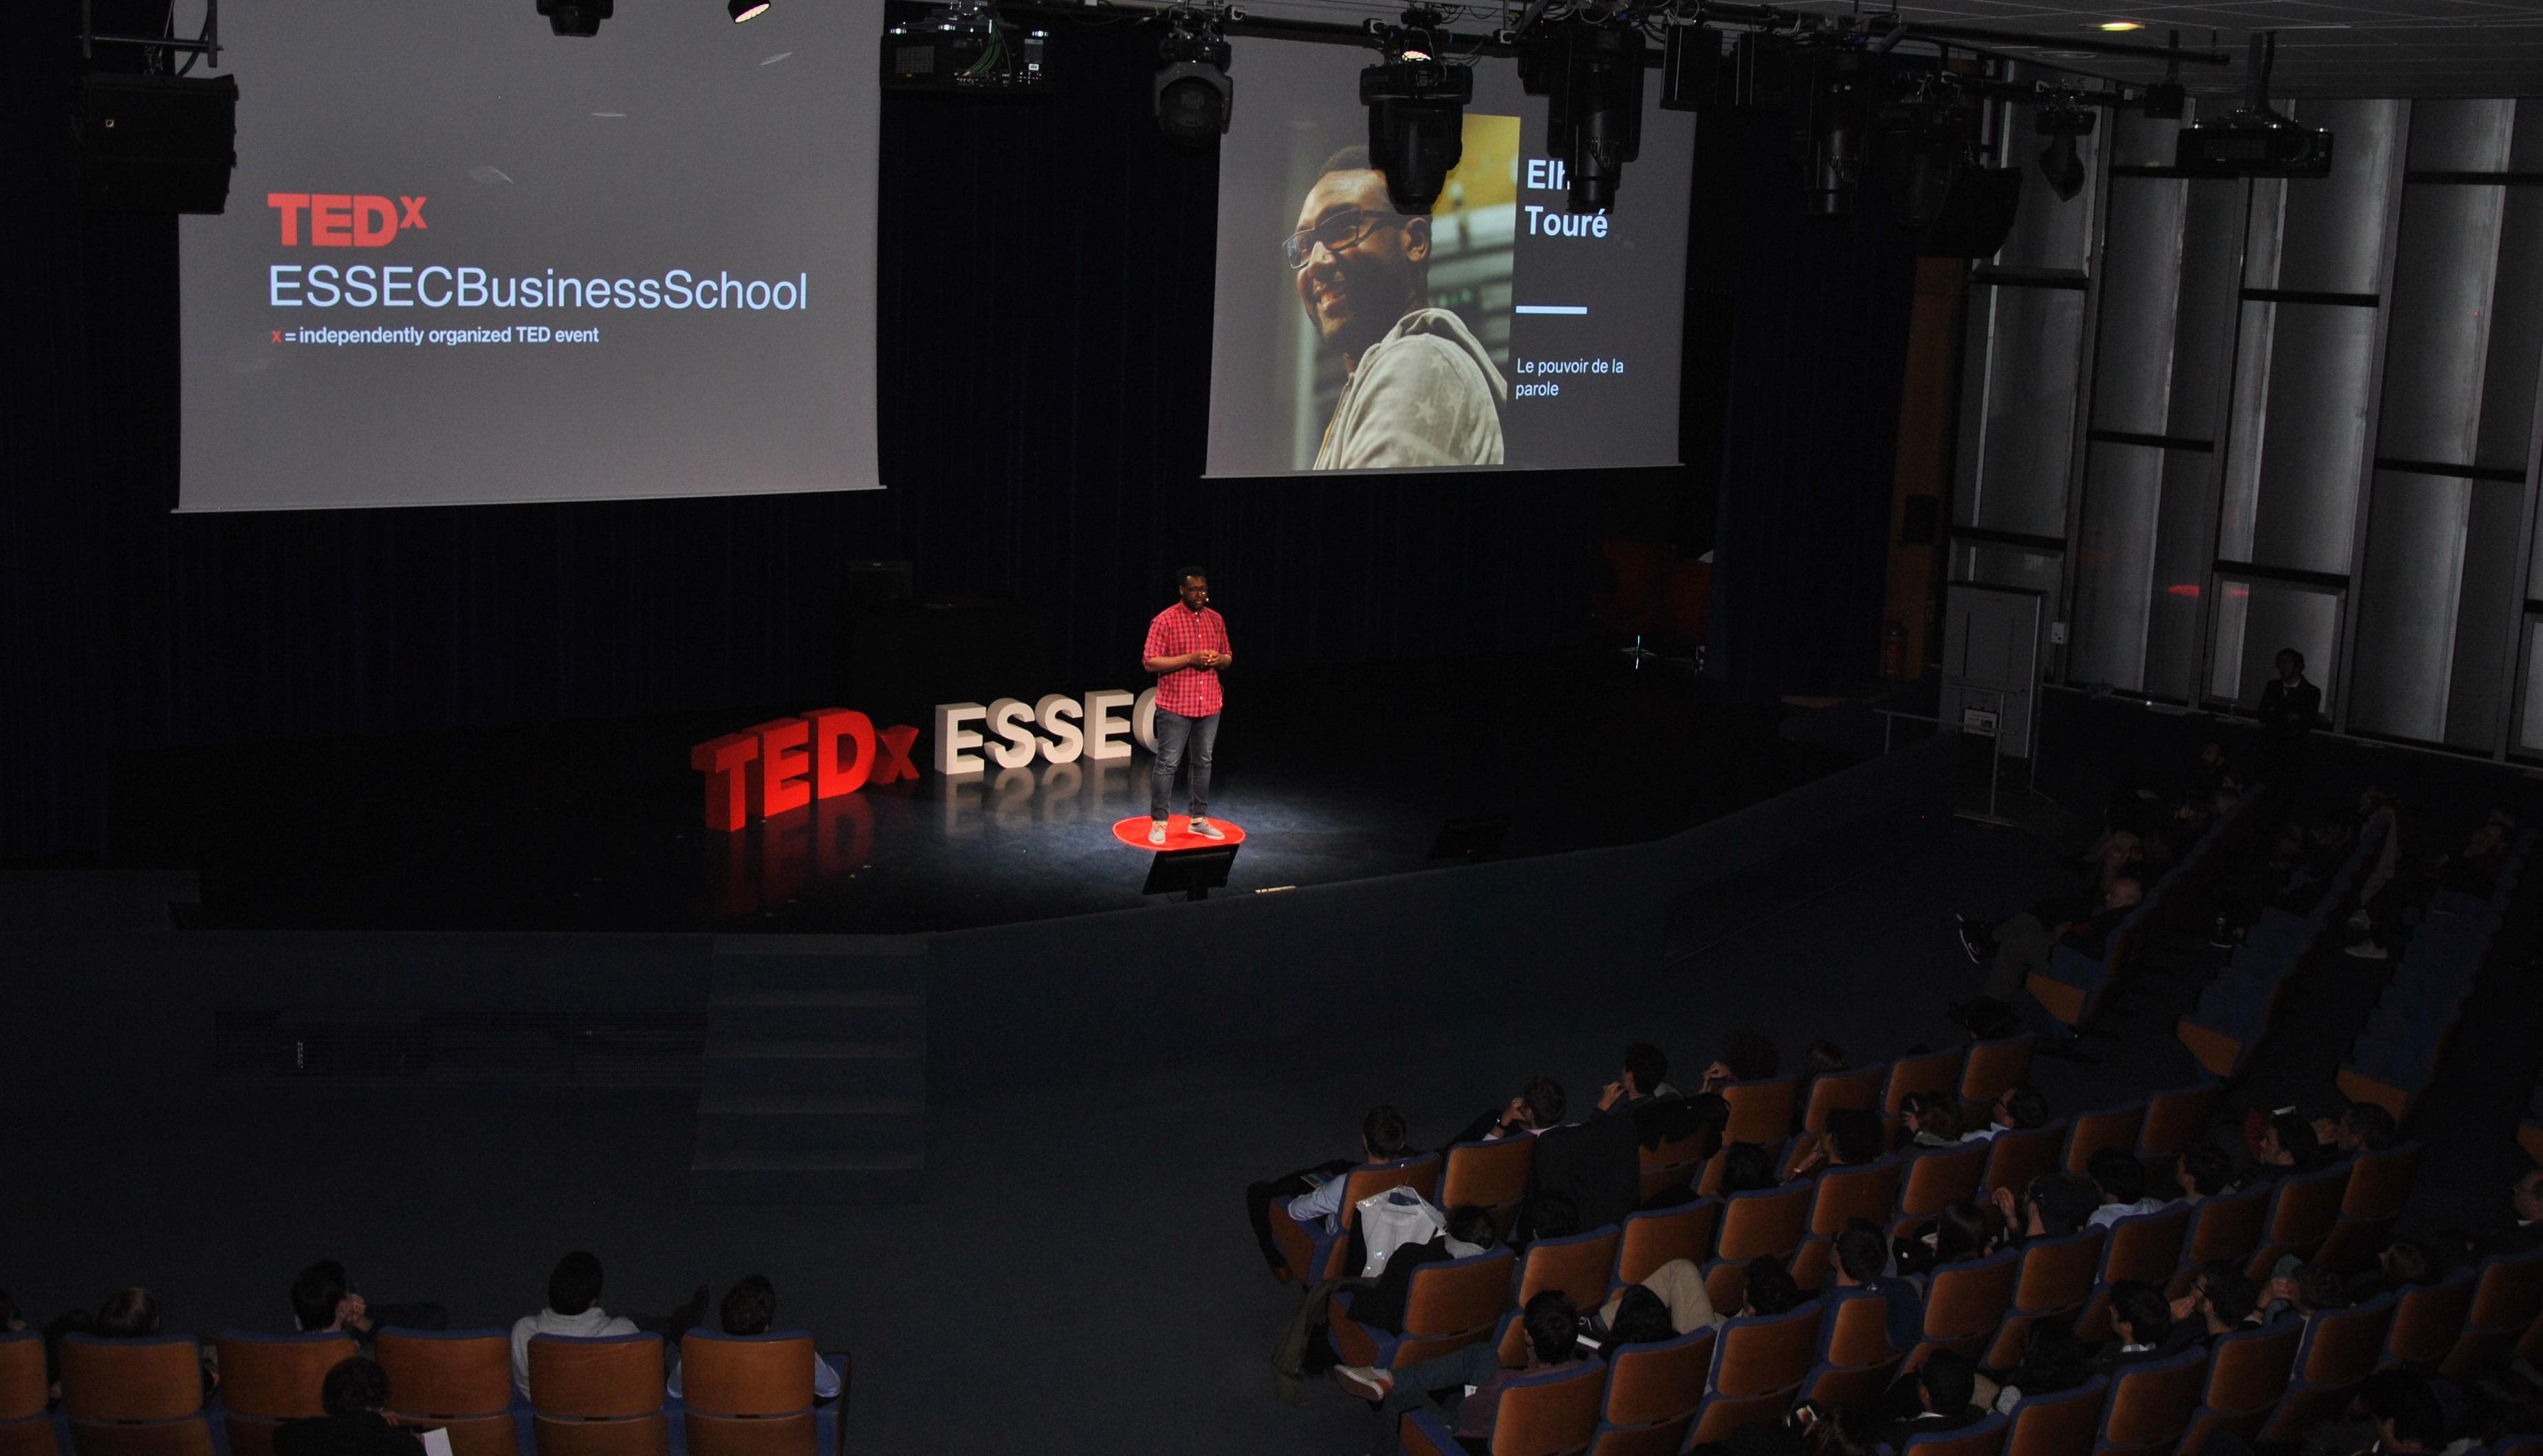 Première édition du TEDxESSECBusinessSchool